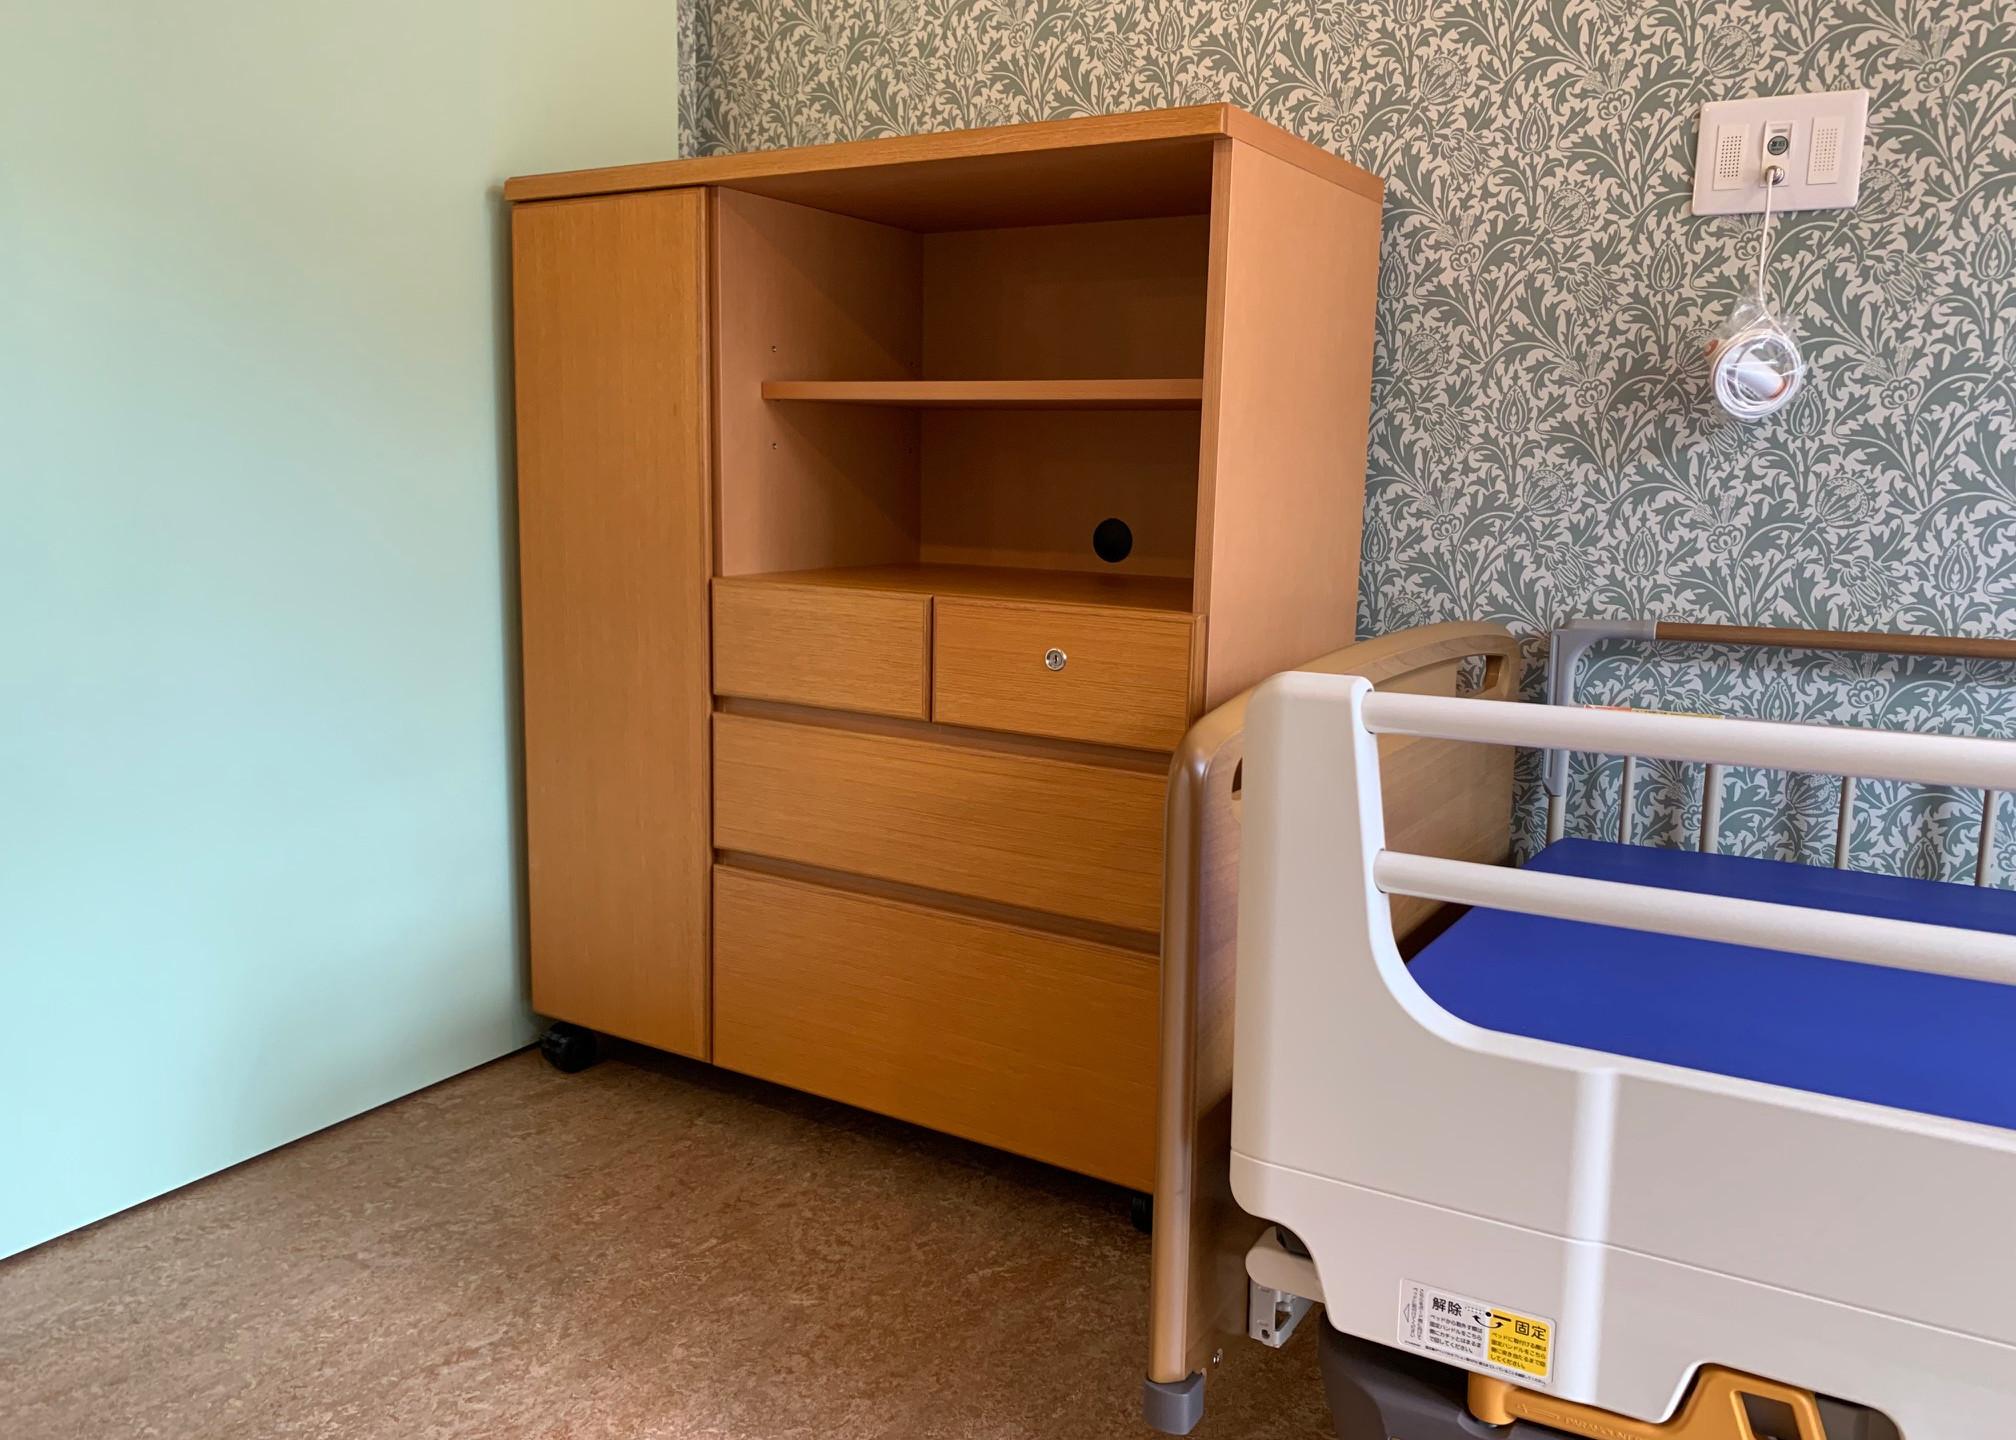 コメディコつくば様看護小規模多機能居室2